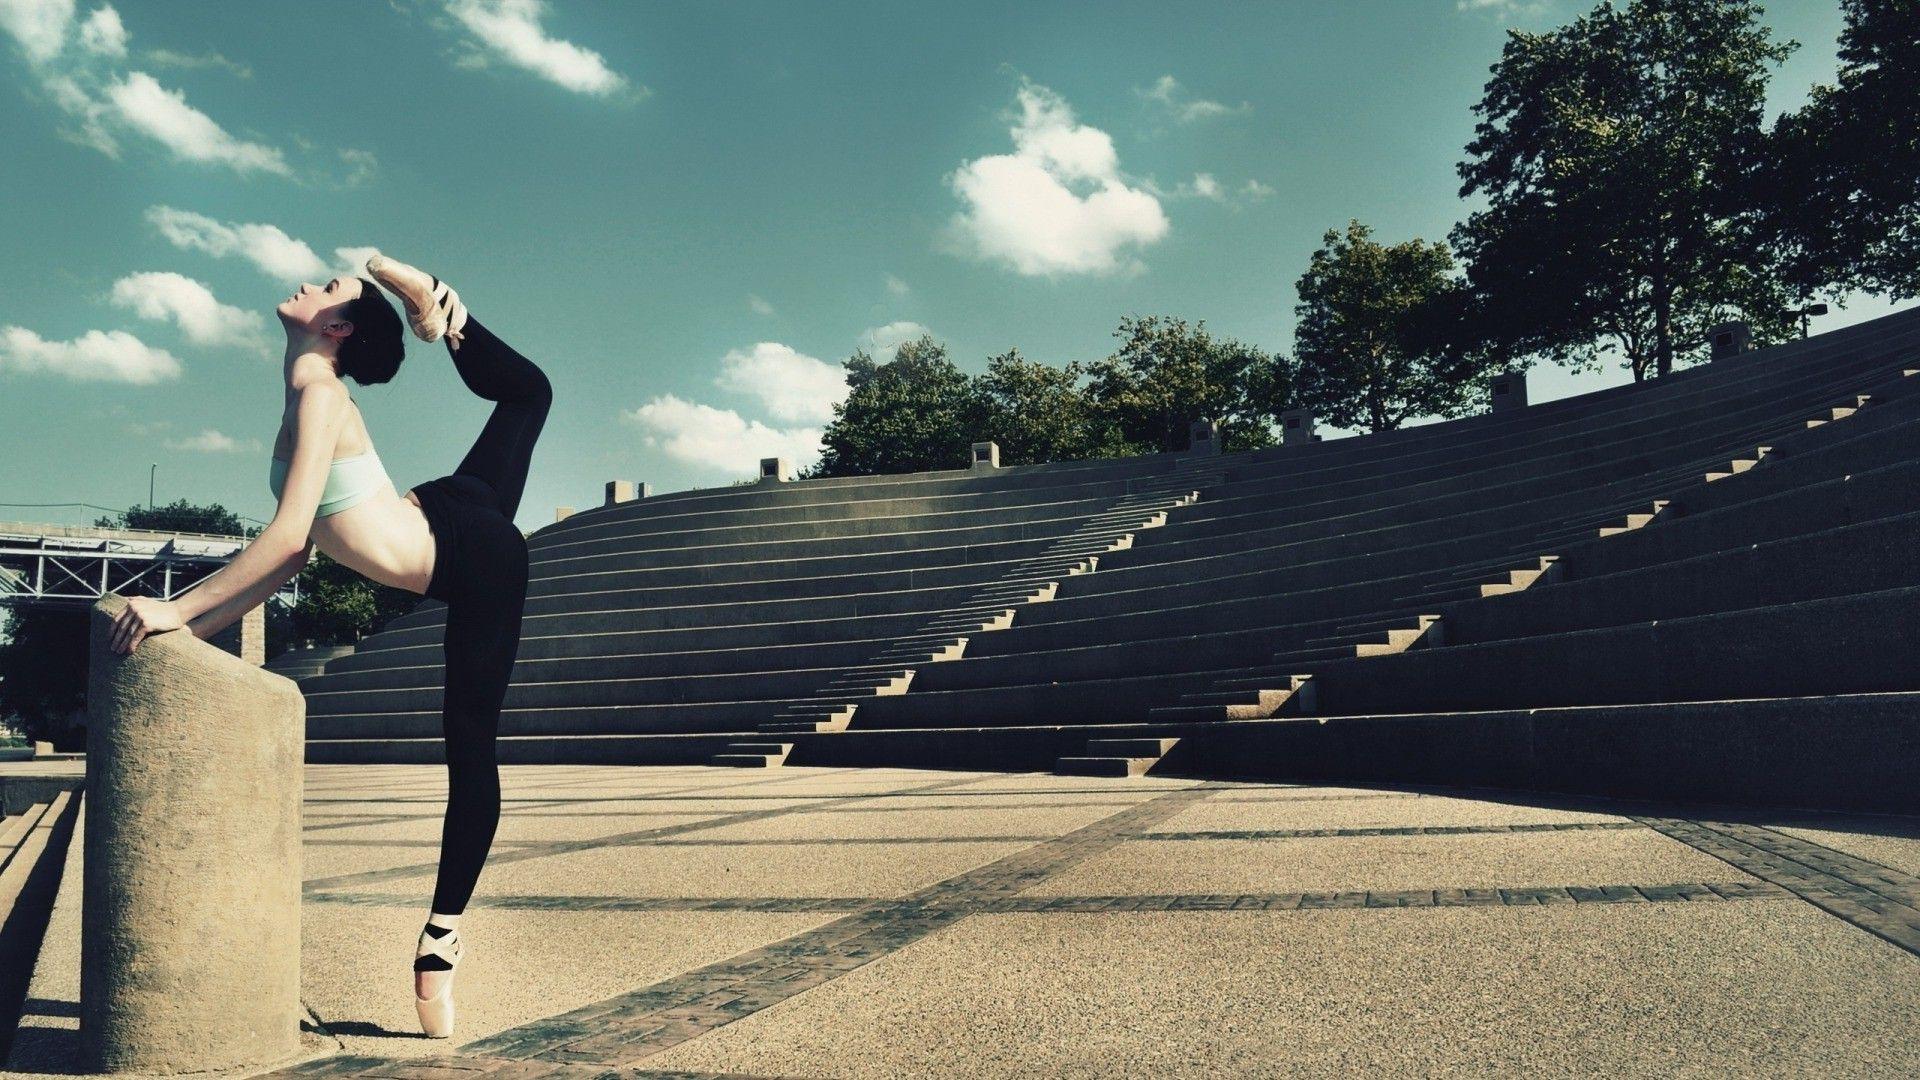 Ballet Dancer Wallpaper - Free Wide HD Wallpaper